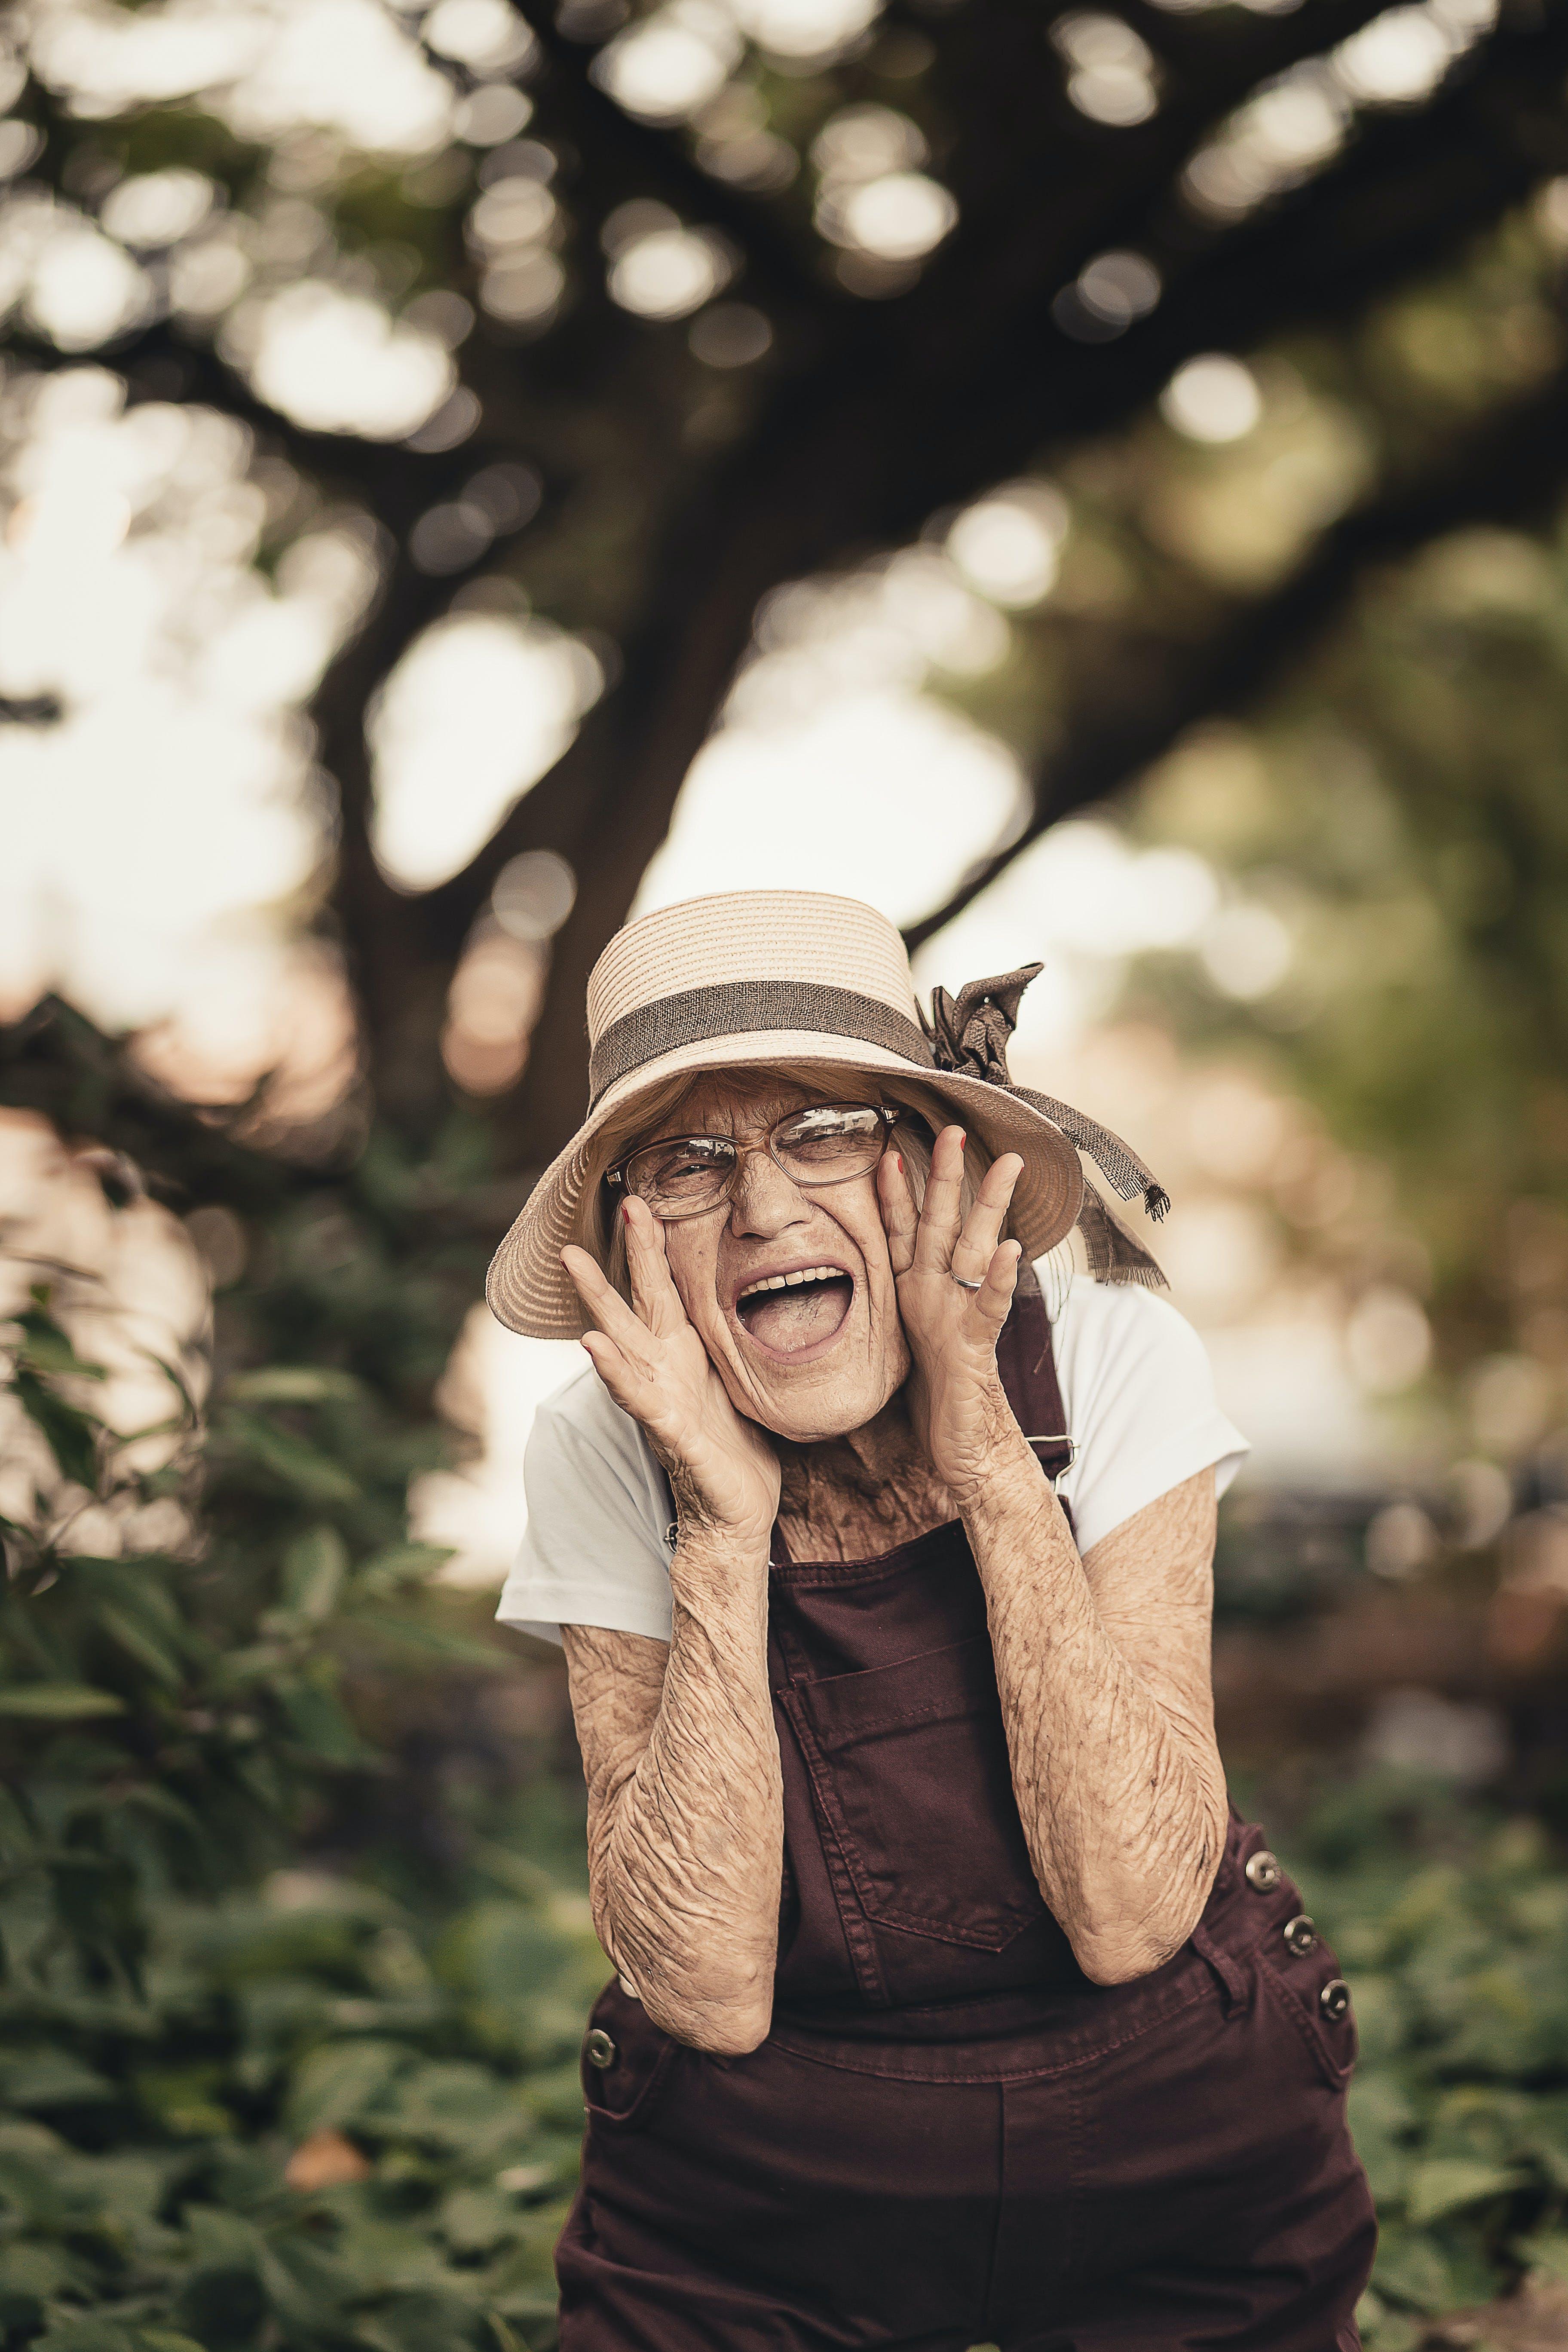 享受, 休閒, 女人, 幸福 的 免費圖庫相片